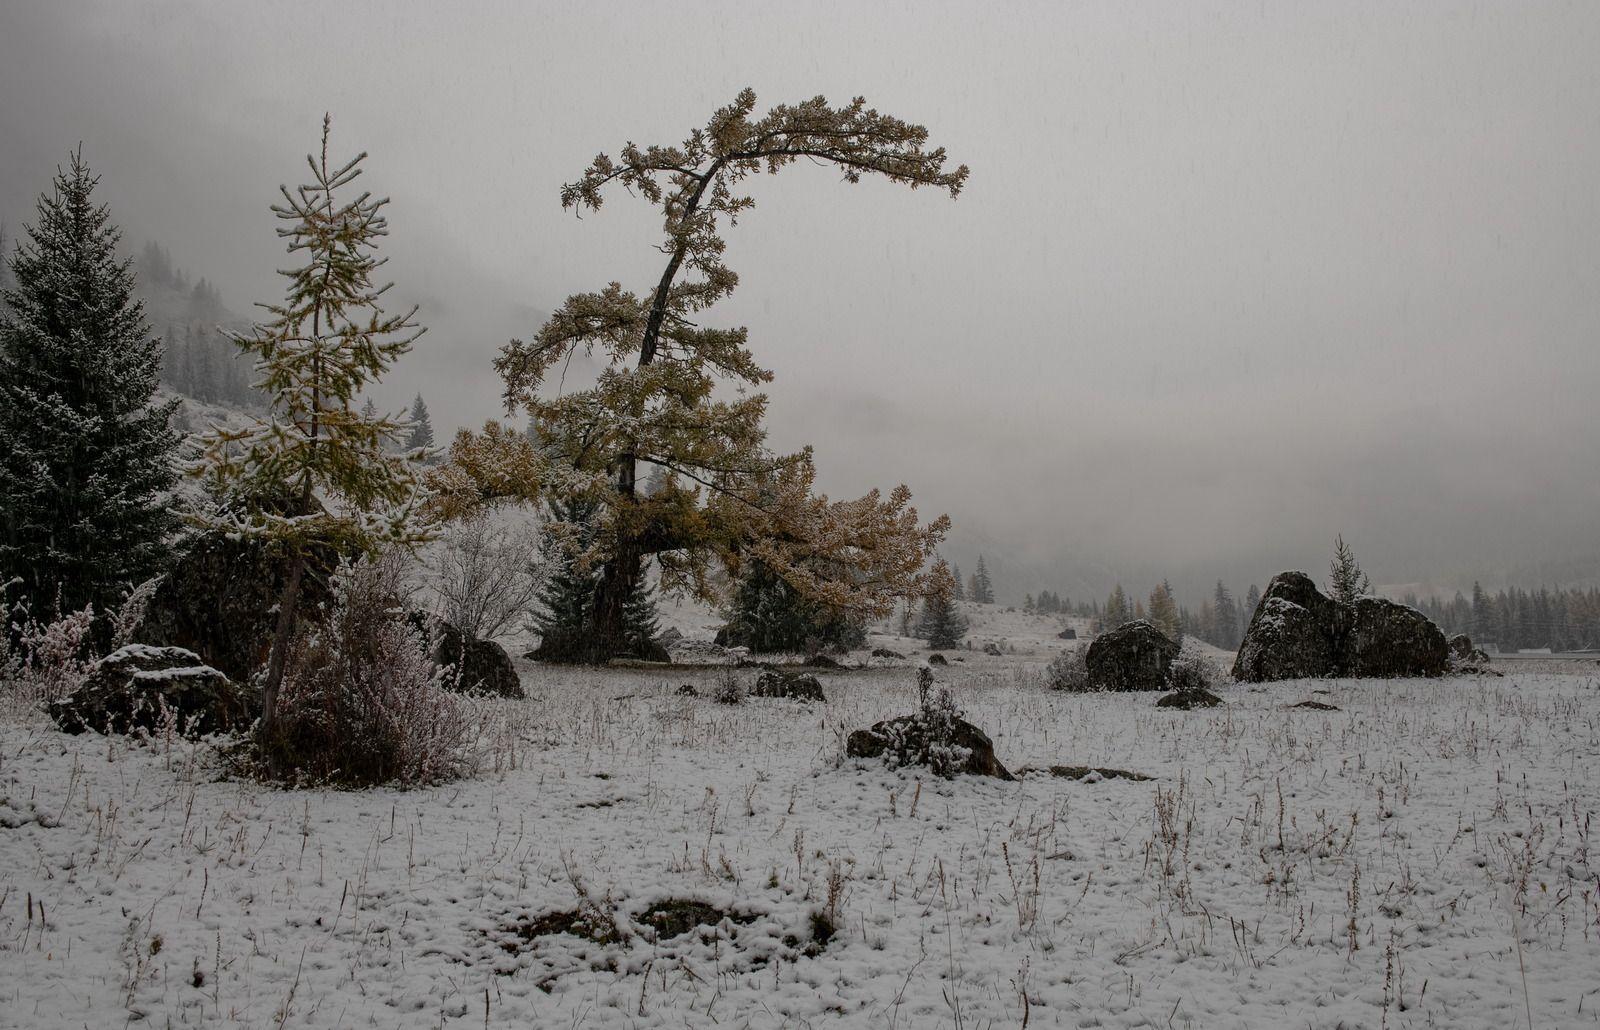 По первому снегу. Республика Алтай снегопад туман лиственница